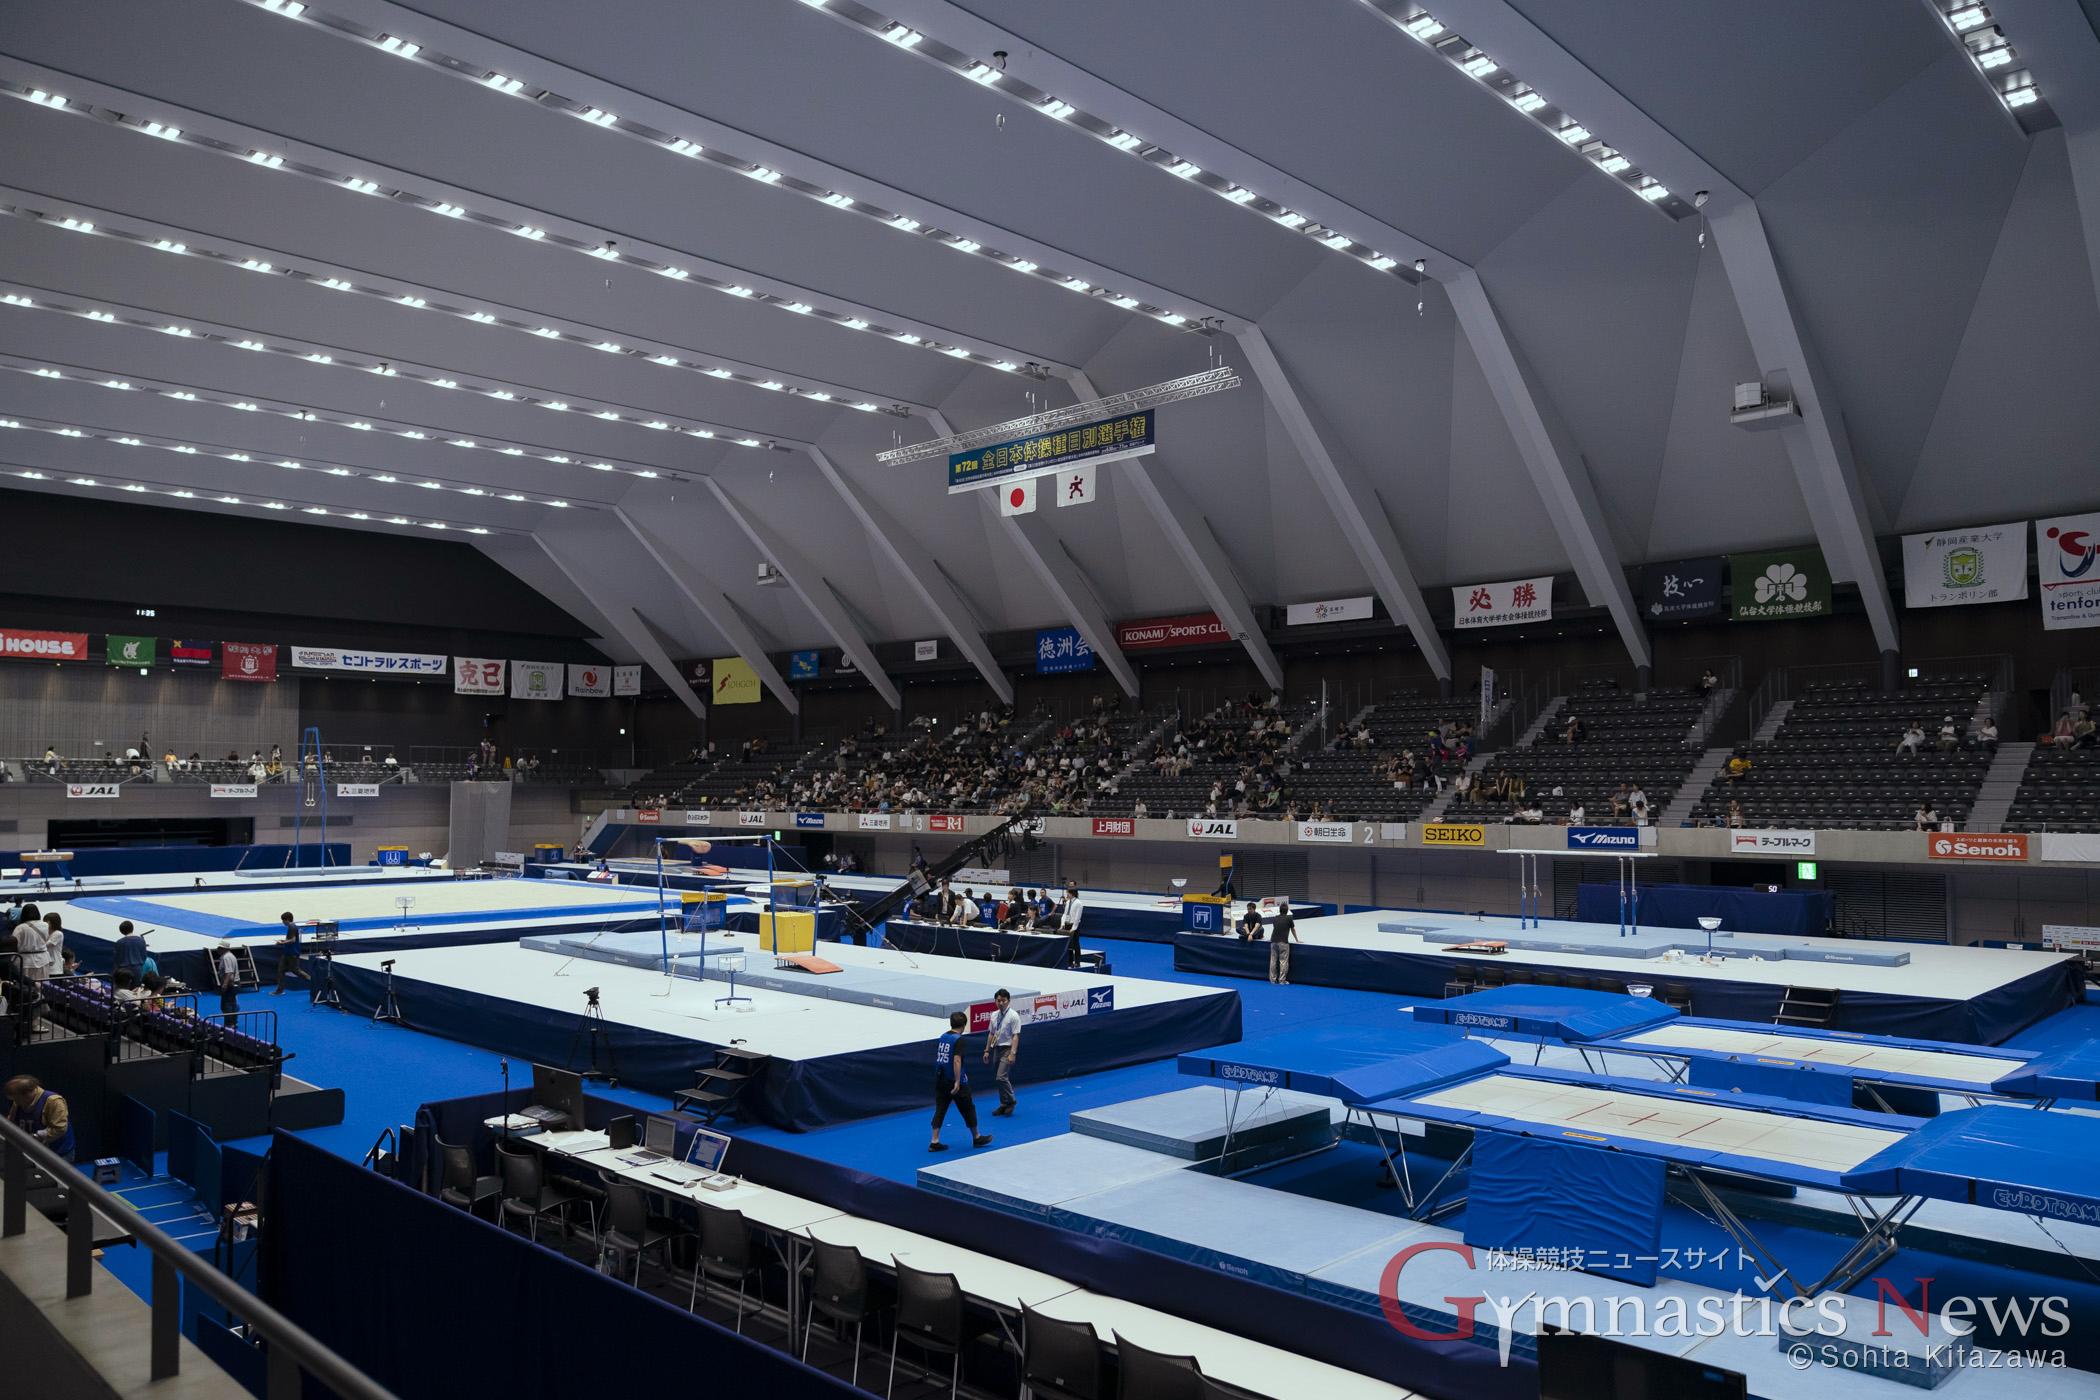 第72回全日本体操競技種目別選手権 高崎アリーナ